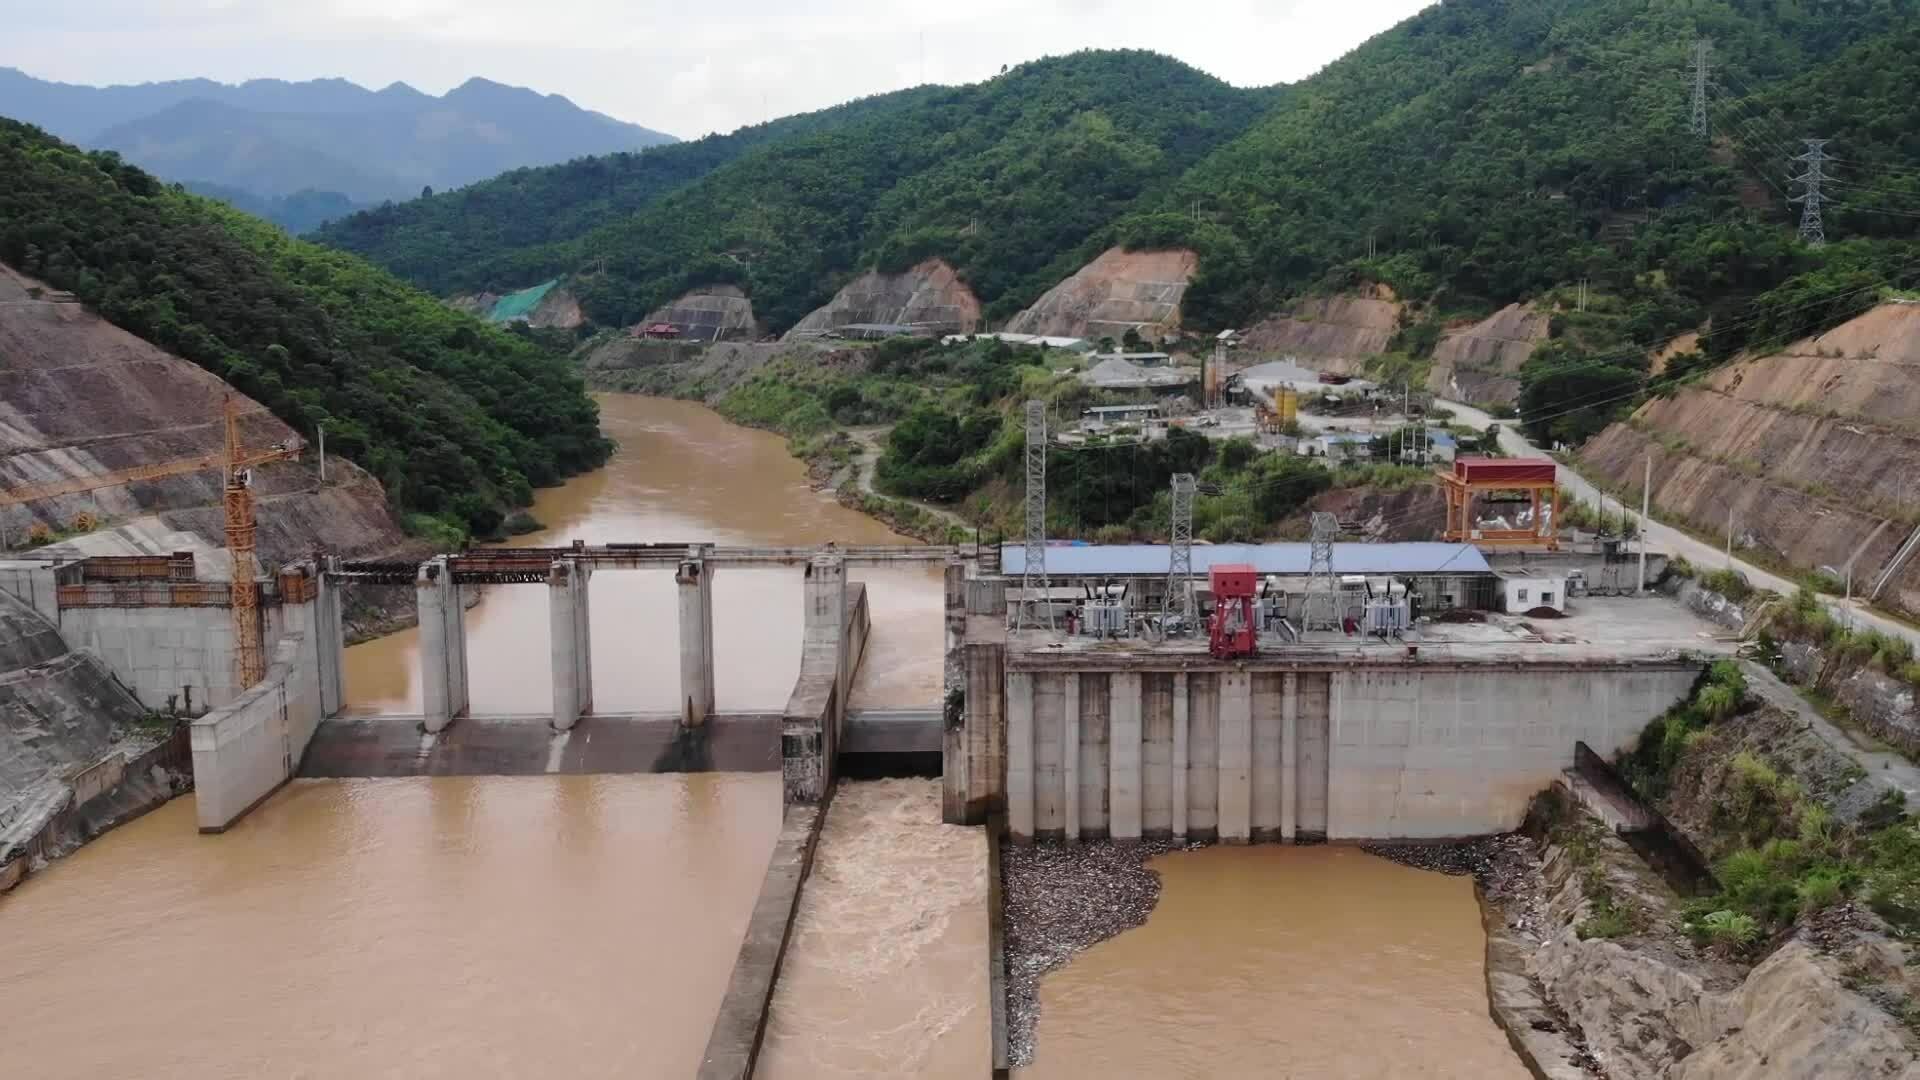 Dự án thủy điện hơn 3.000 tỷ dang dở sau cả thập kỷ